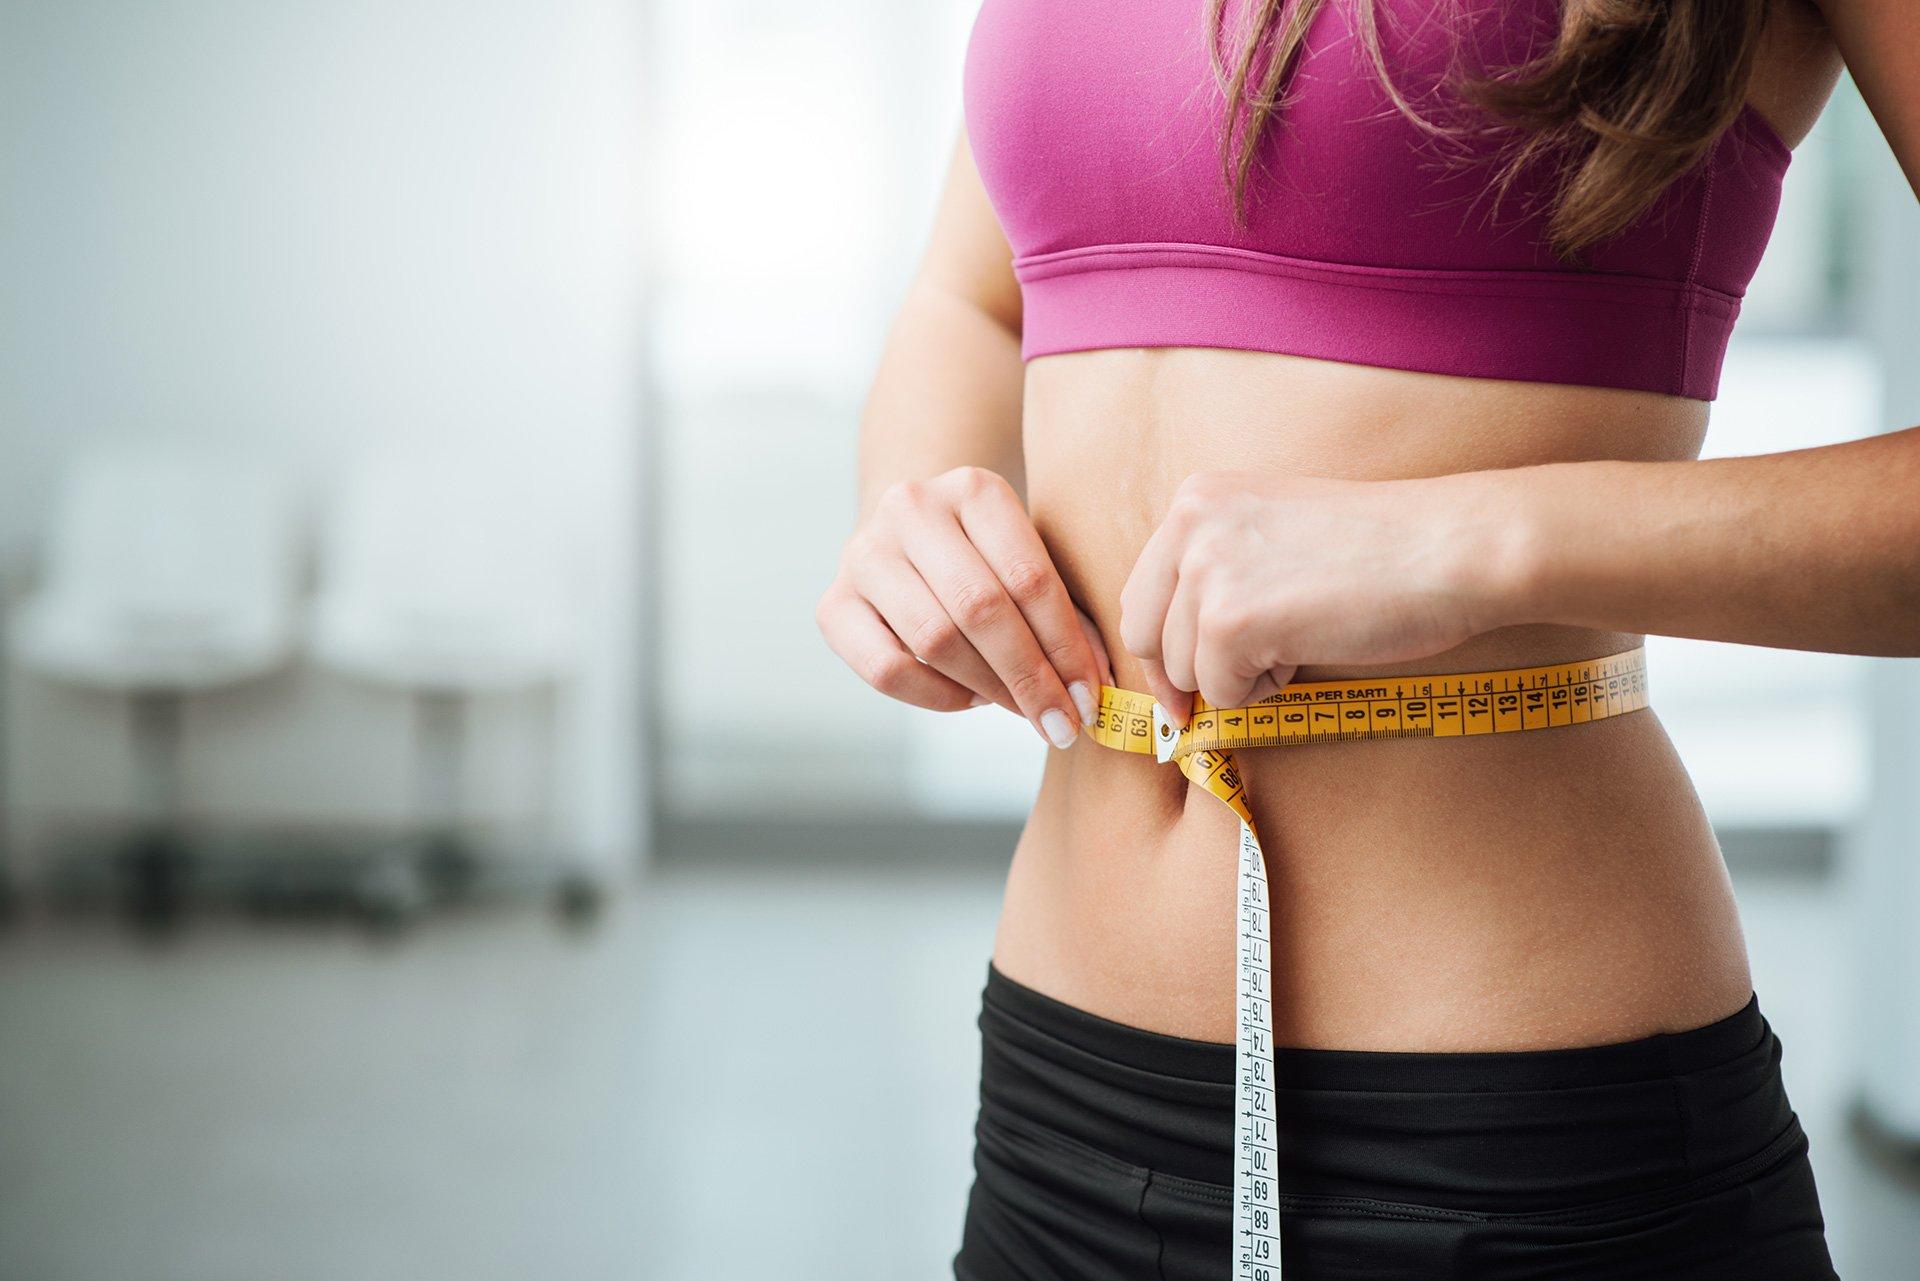 donna con top viola e pantaloncini neri si sta misurando la vita con un metro